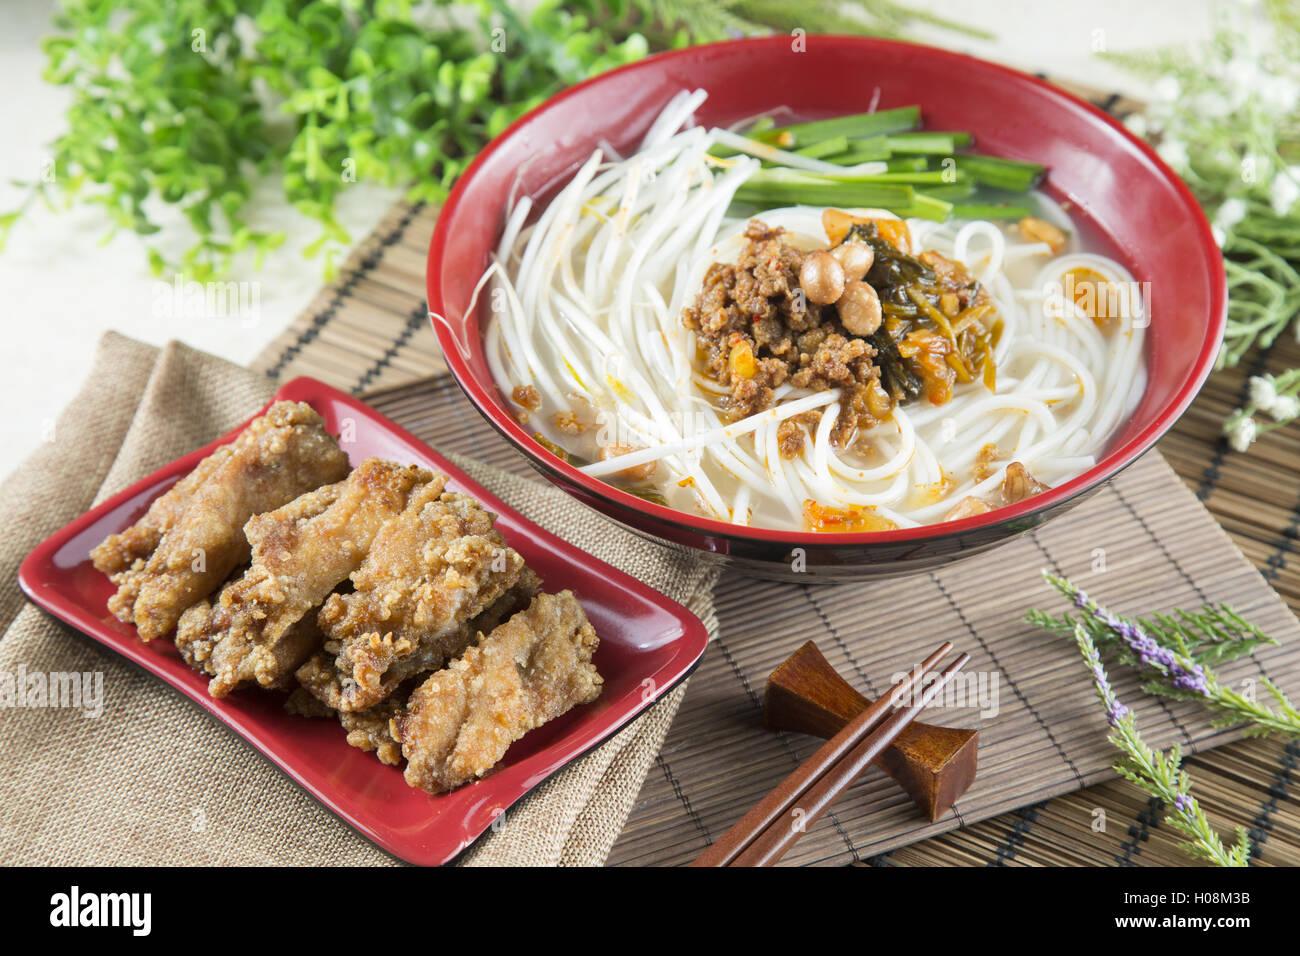 Chinesische Schüssel Nudeln mit gebratenen Schweinerippchen und Kräuter auf dem Tisch Stockbild